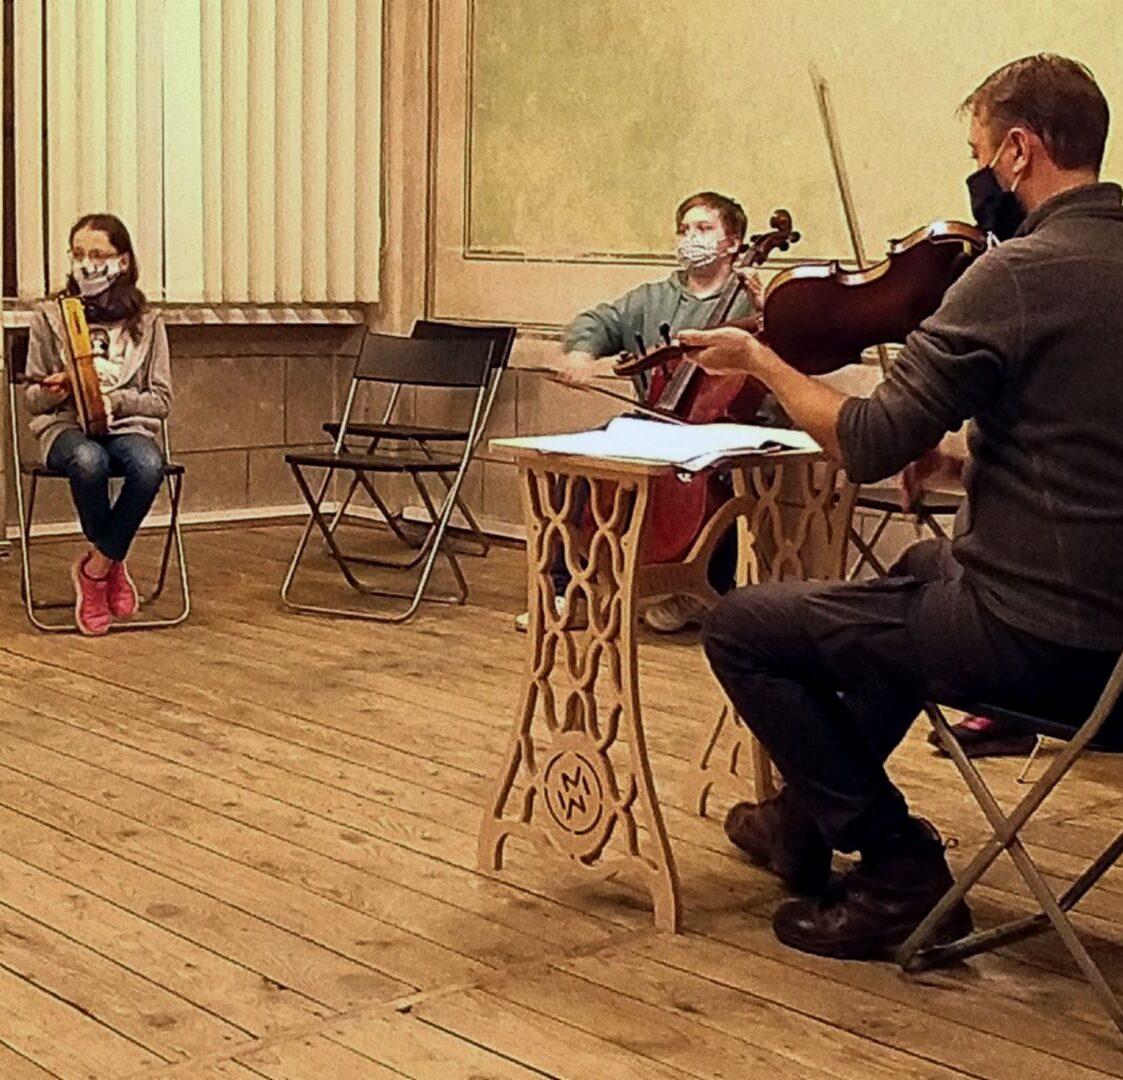 zdjęcie przedstawia obszerną salę, w której parę osób w maskach ćwiczy grę na różnych instrumentach. Siedzą w dużych odległościach od siebie, każda z osób gra na innym instrumencie.